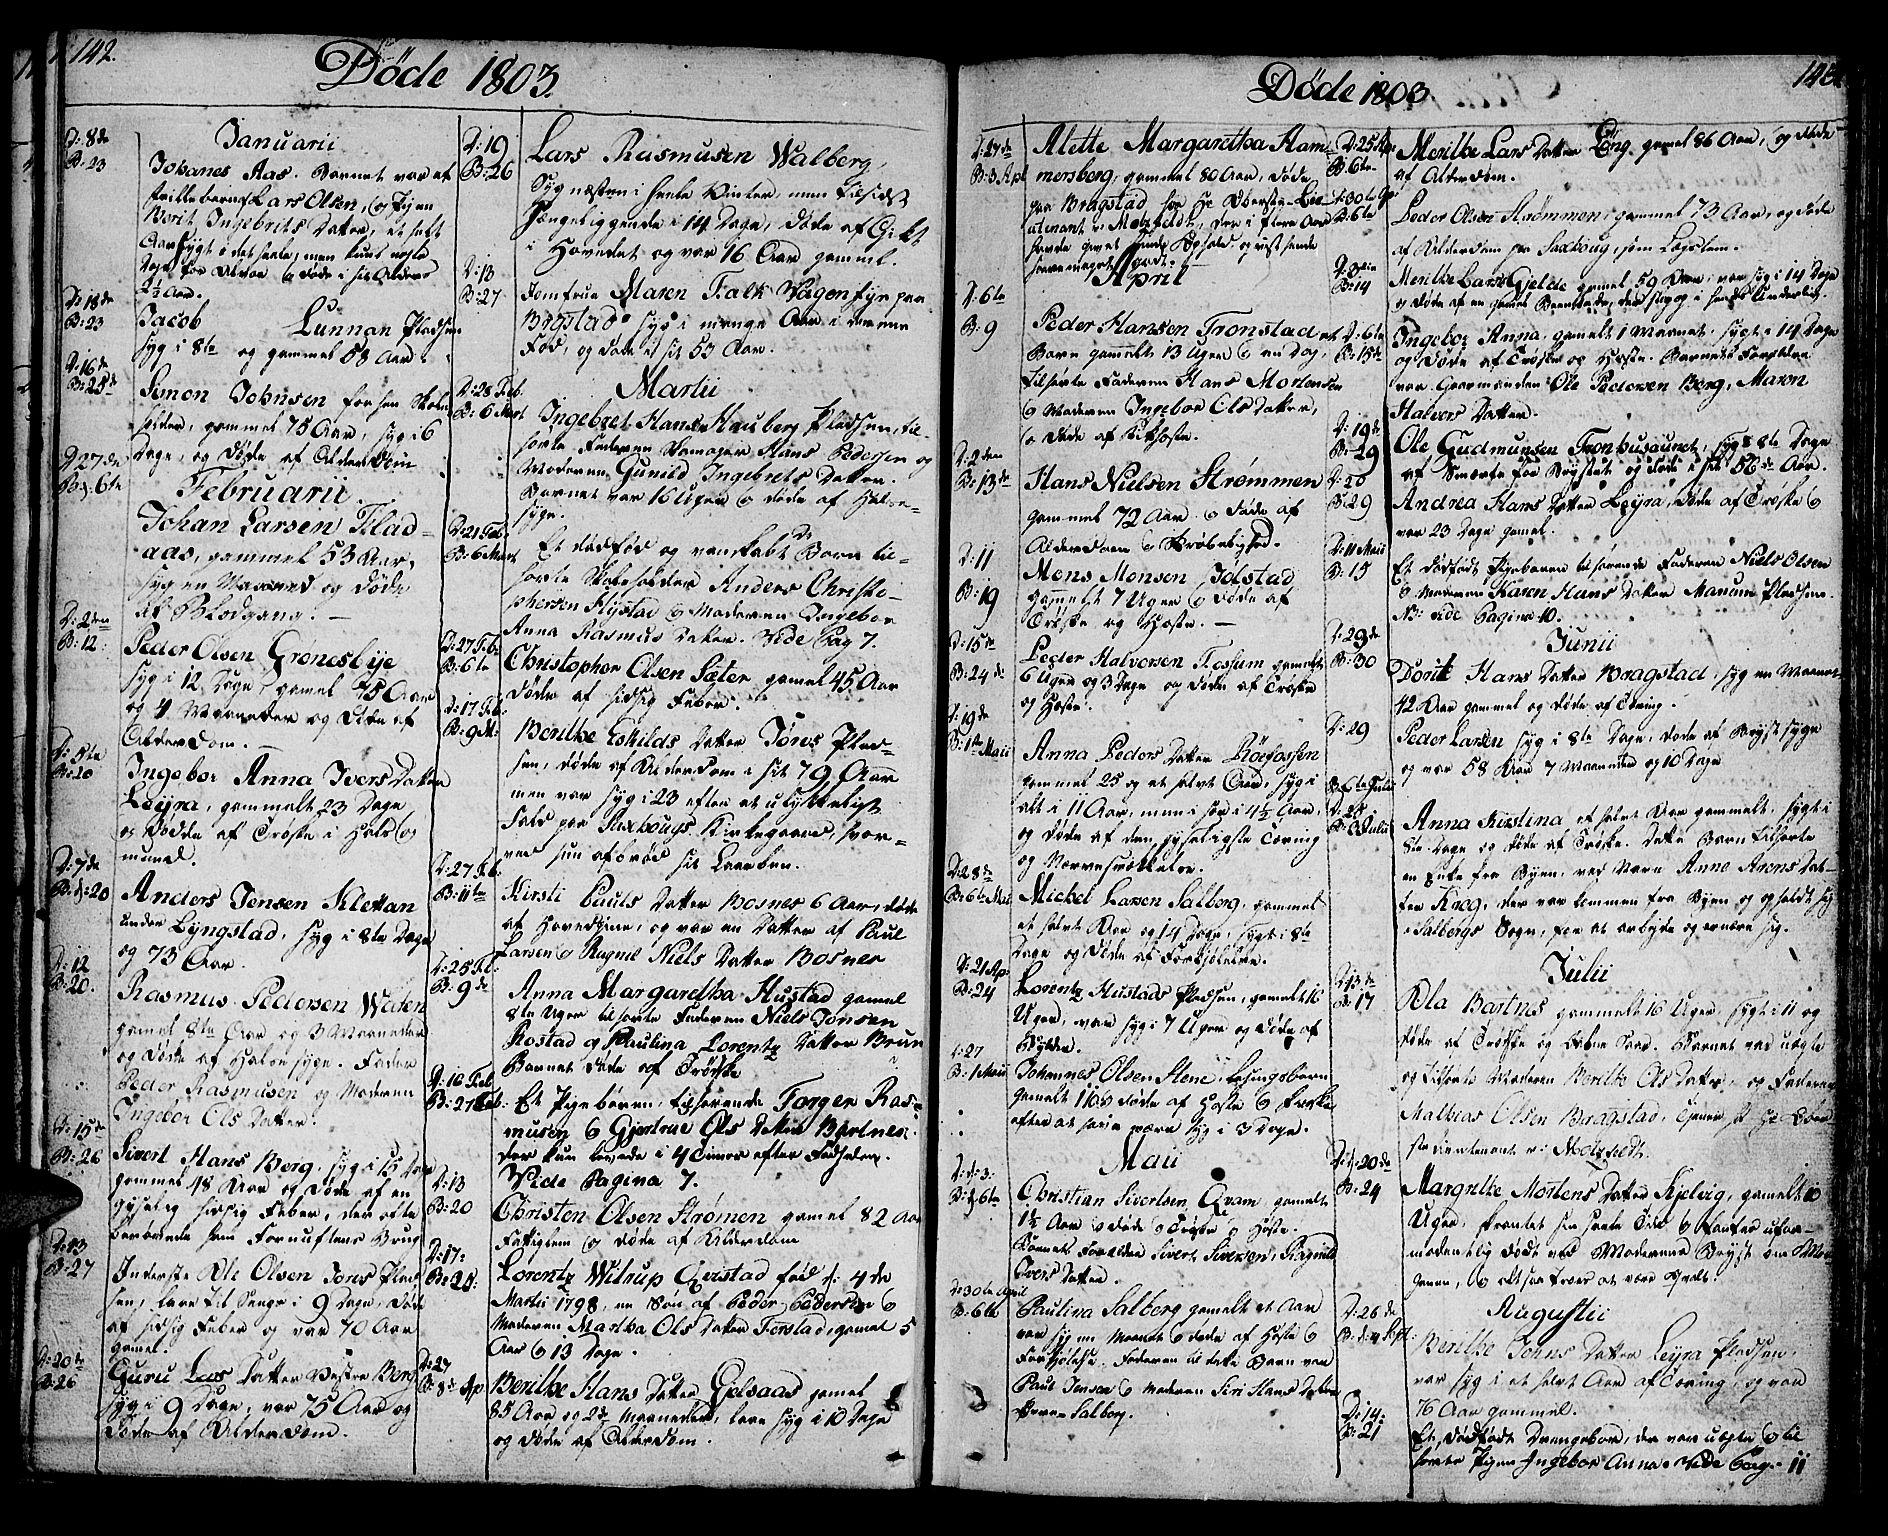 SAT, Ministerialprotokoller, klokkerbøker og fødselsregistre - Nord-Trøndelag, 730/L0274: Ministerialbok nr. 730A03, 1802-1816, s. 142-143